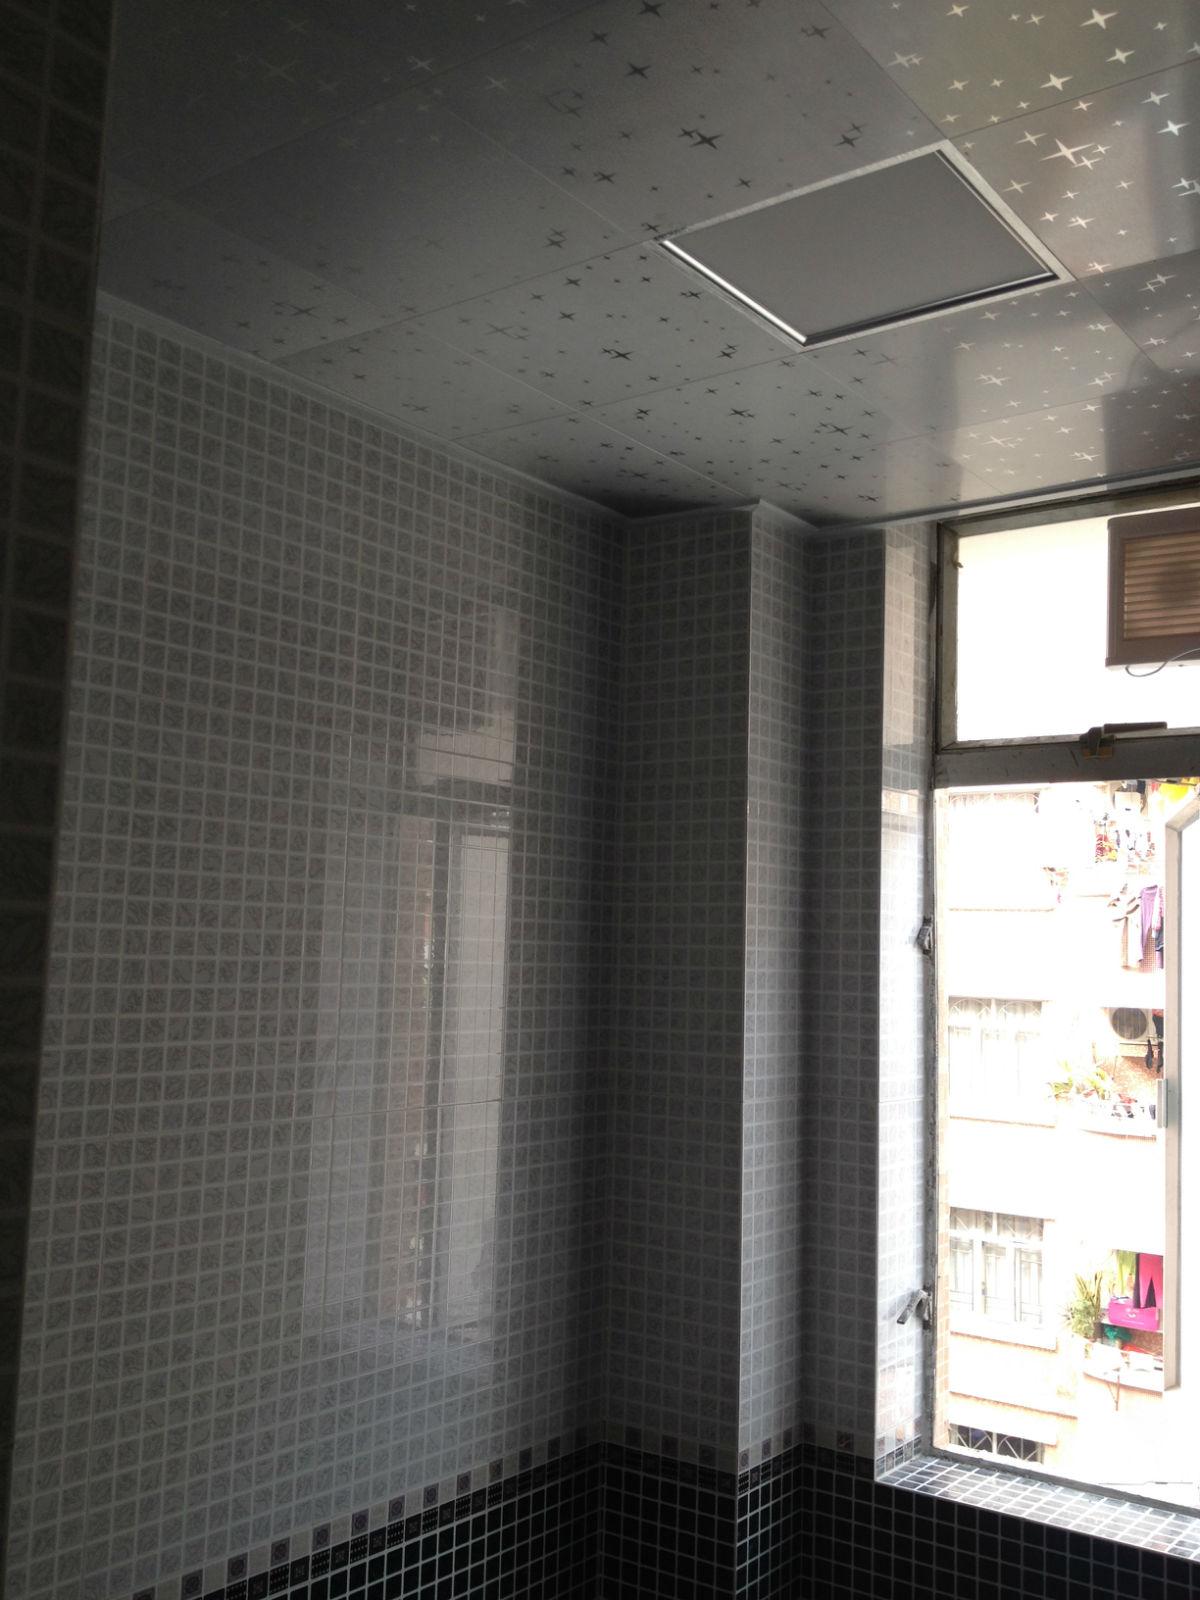 桃源村69栋旧房翻新装修全过程记录.